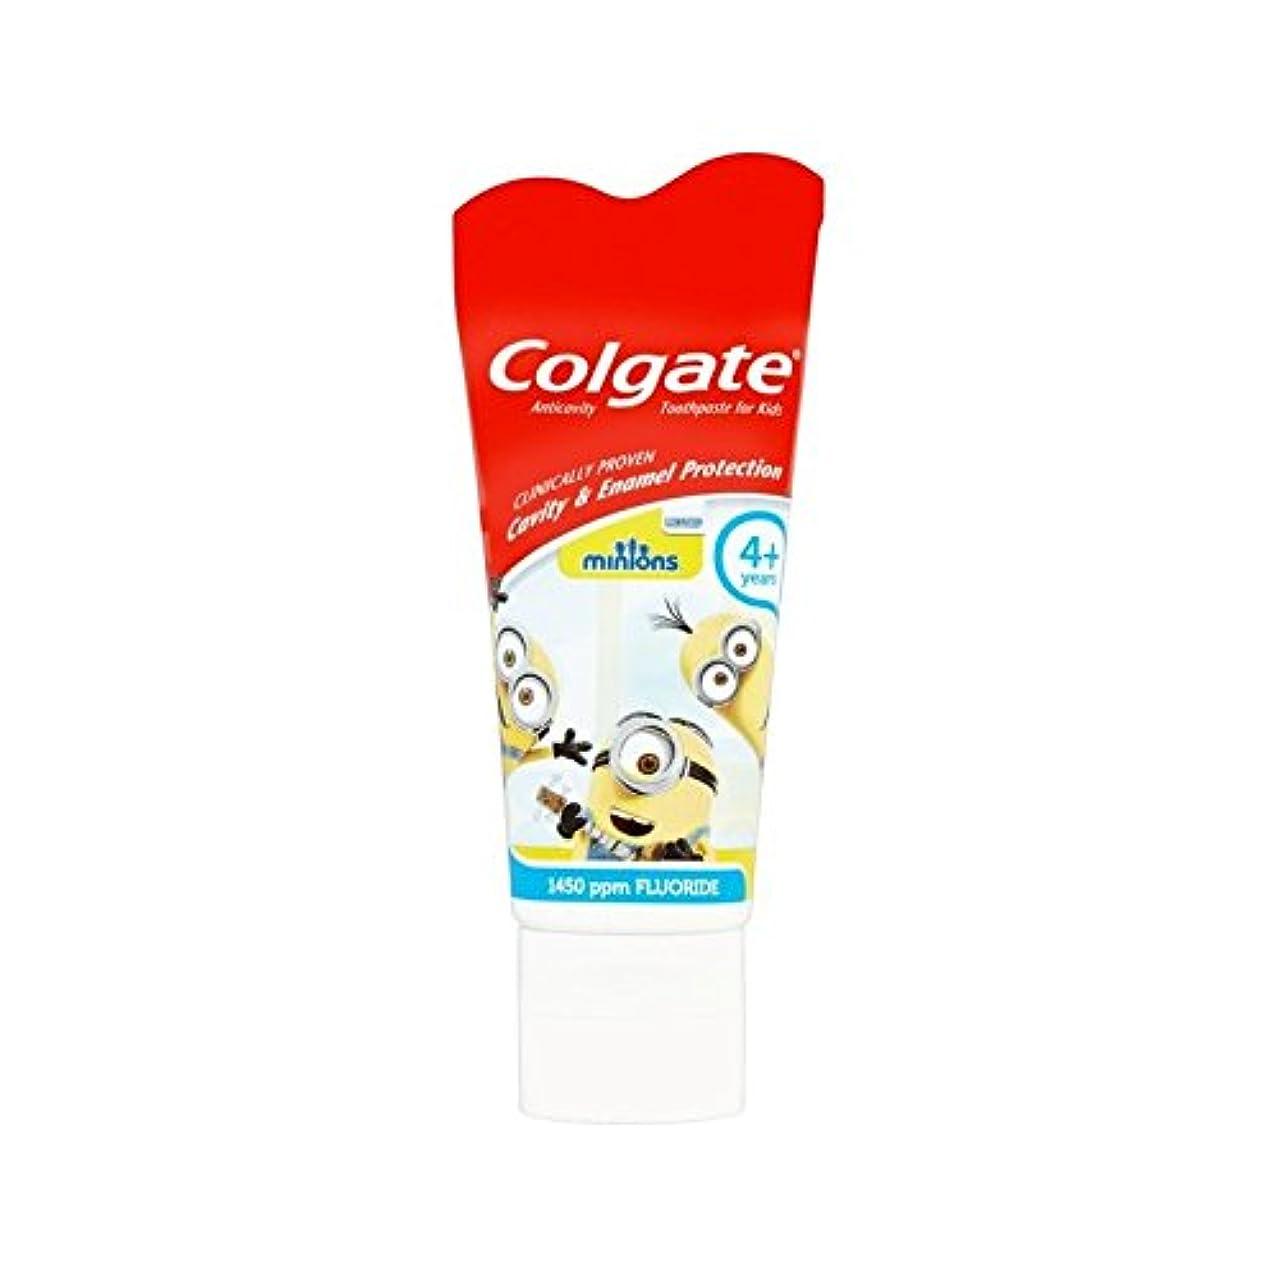 ドック食事を調理するエンディング手下の子供4+歯磨き粉50ミリリットル (Colgate) (x 4) - Colgate Minions Kids 4+ Toothpaste 50ml (Pack of 4) [並行輸入品]